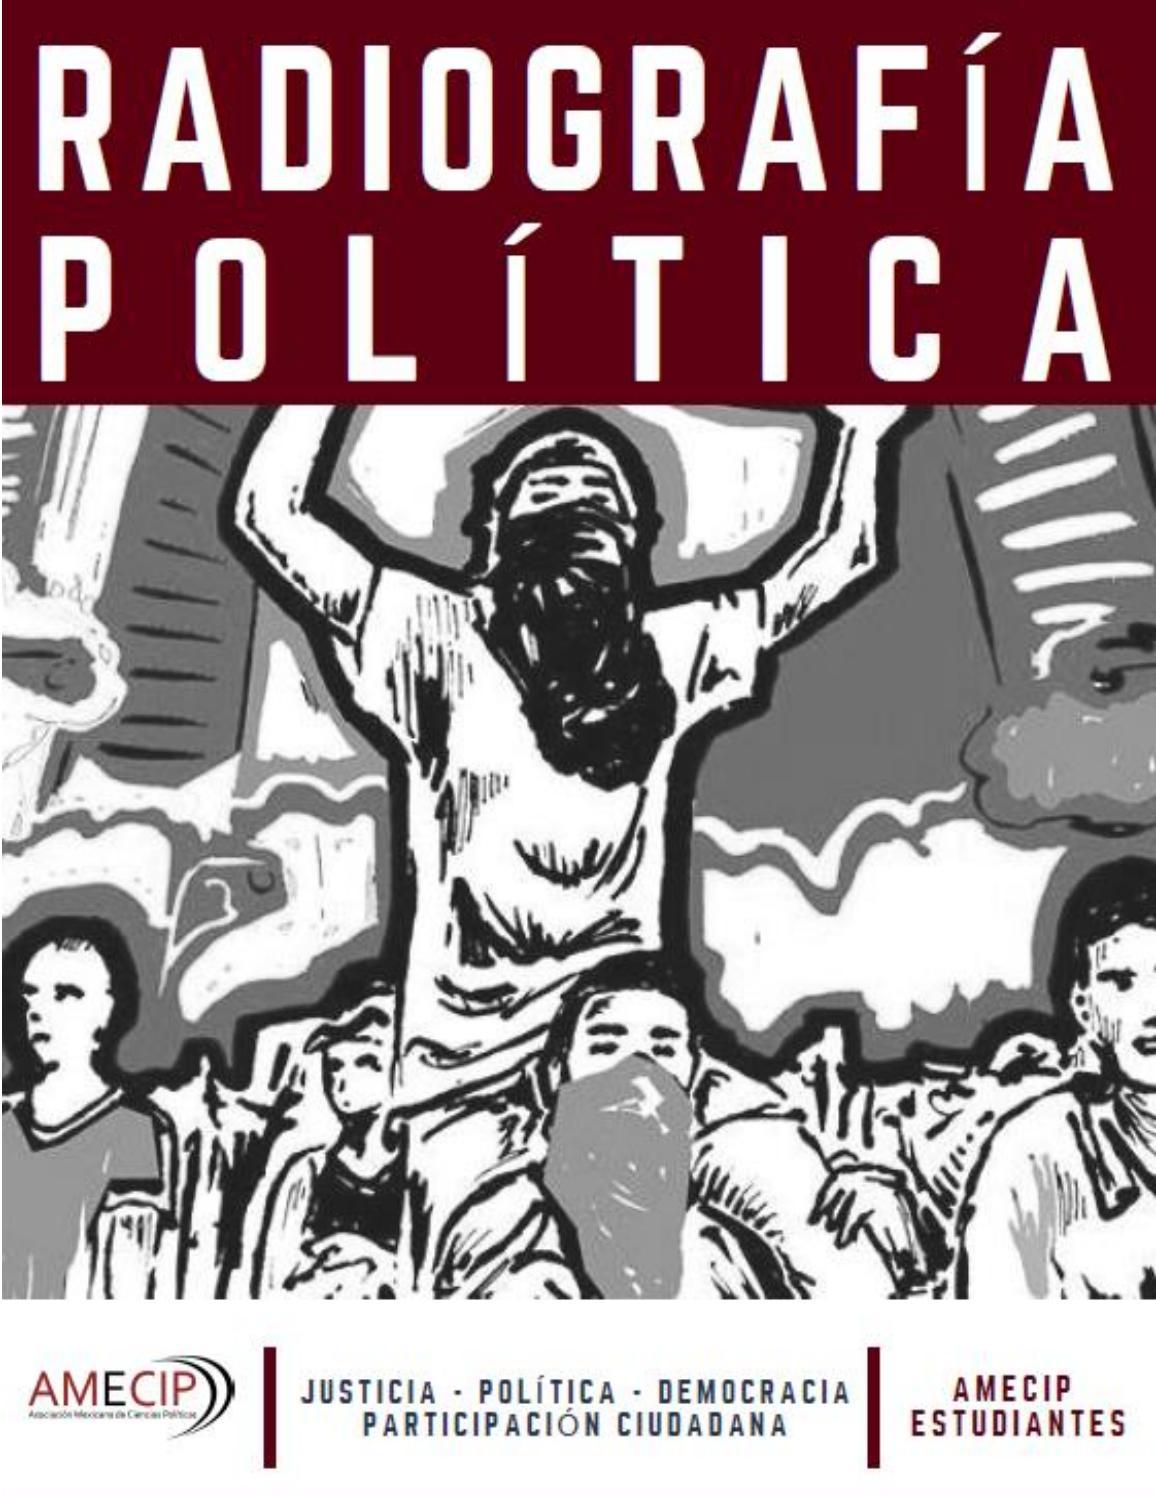 Radiografía Política Ii época 2 By Asuntos Editoriales